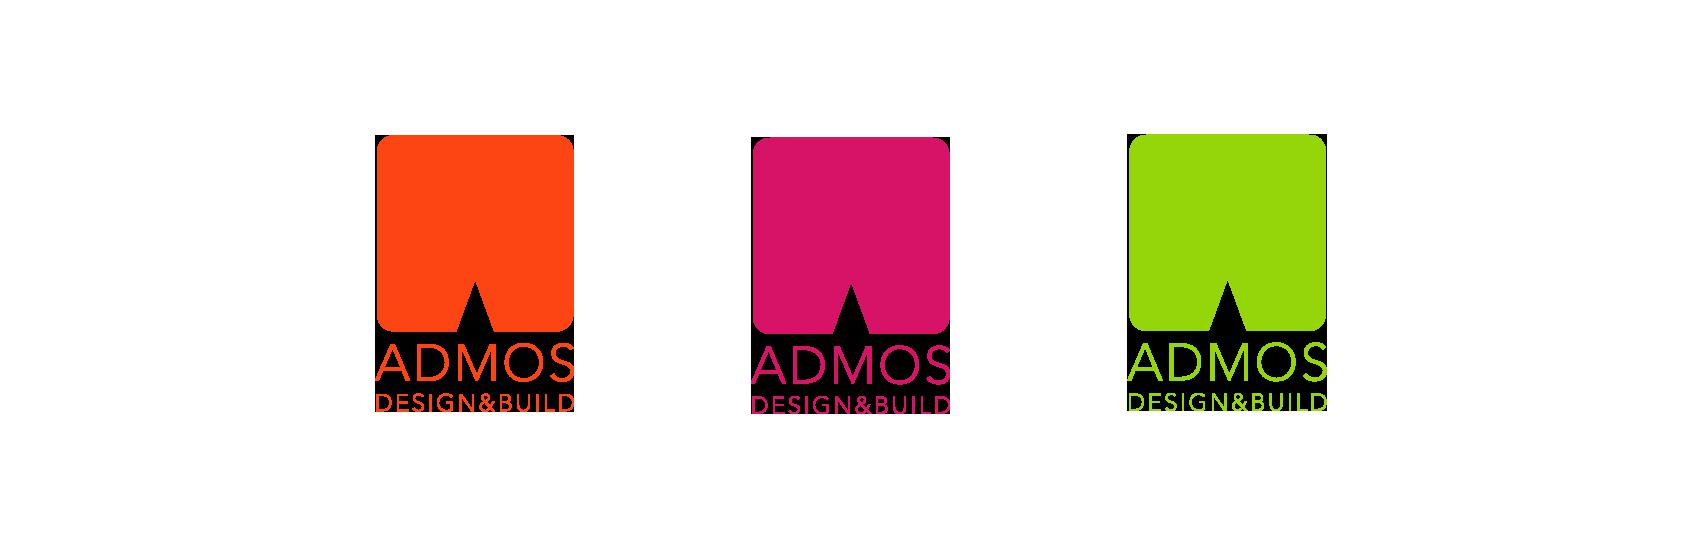 admos logo colour